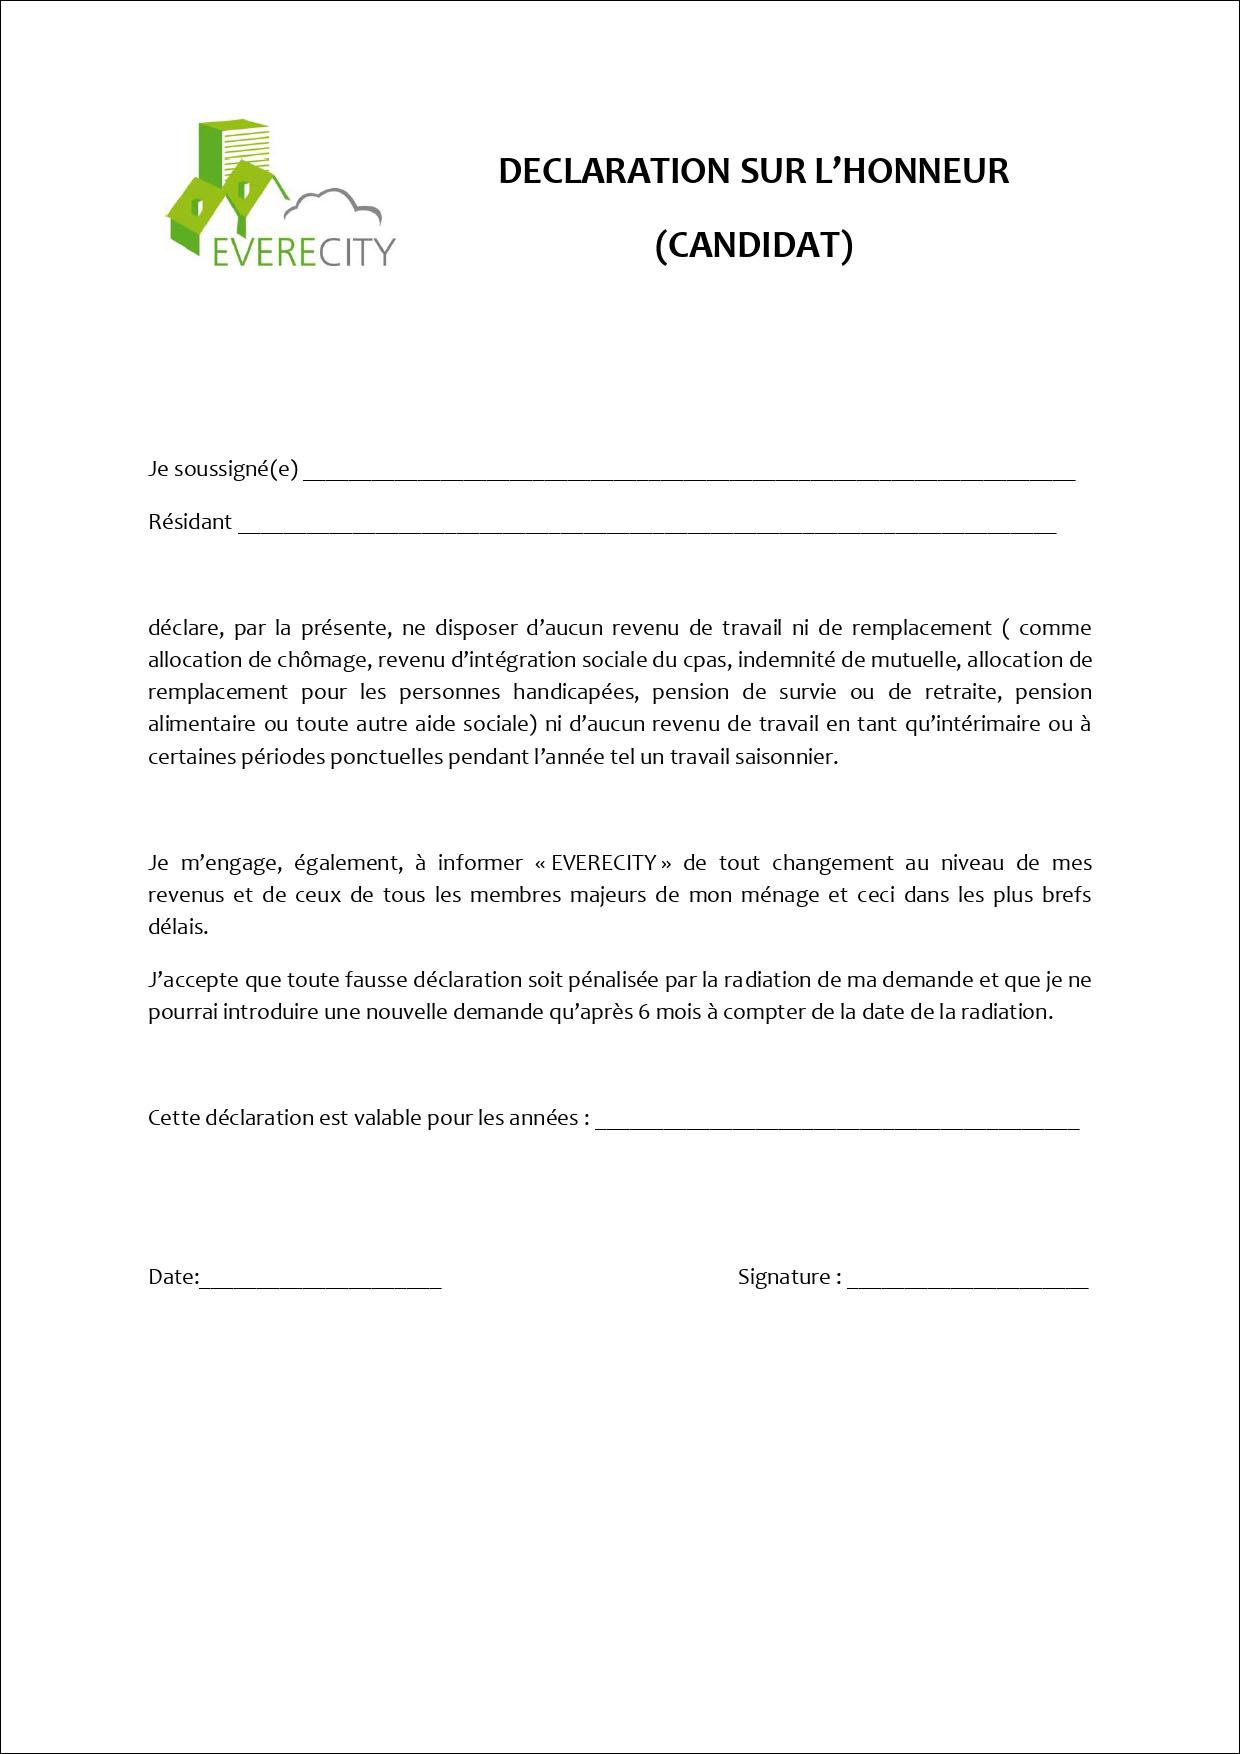 Declaration sur honneur candidat